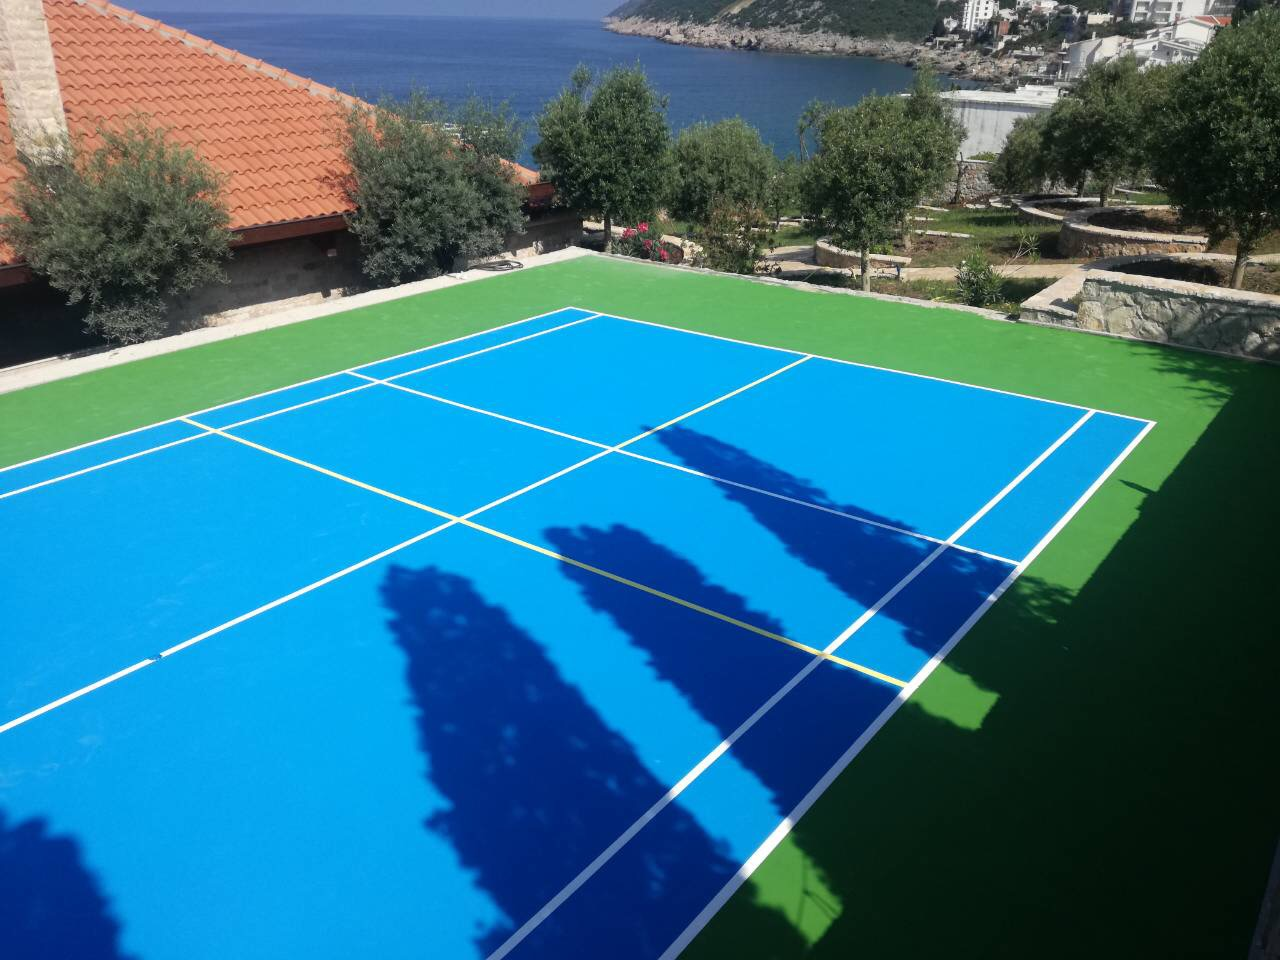 izrada teniskih terena